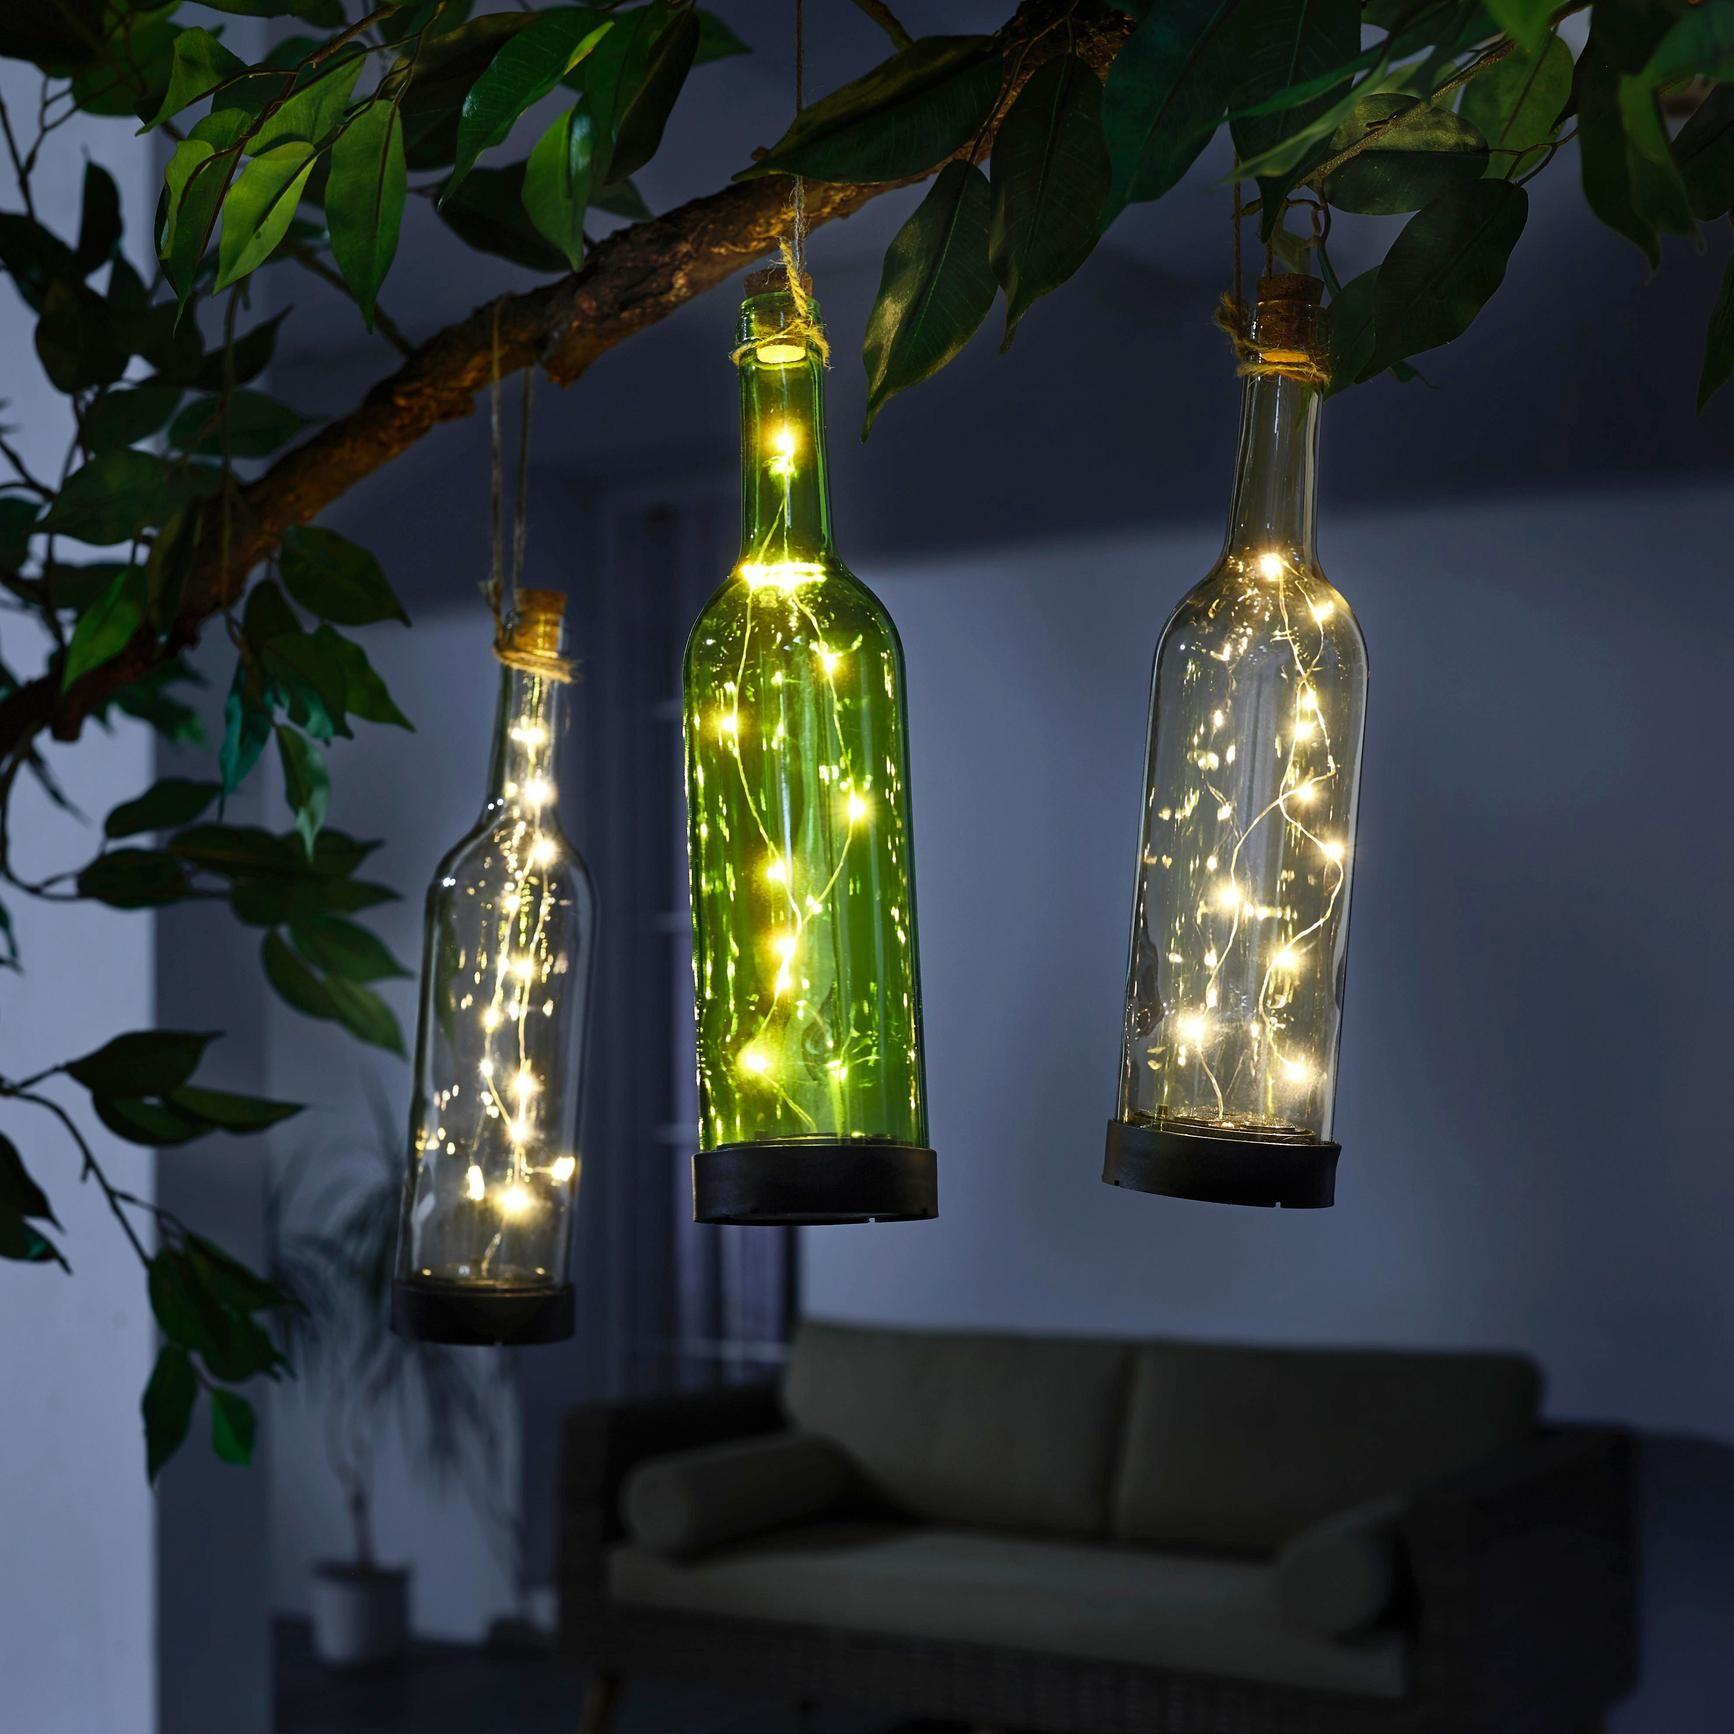 Solarleuchte Bottle Aus Glas Online Kaufen Momax Solarleuchten Balkon Lampe Lampen